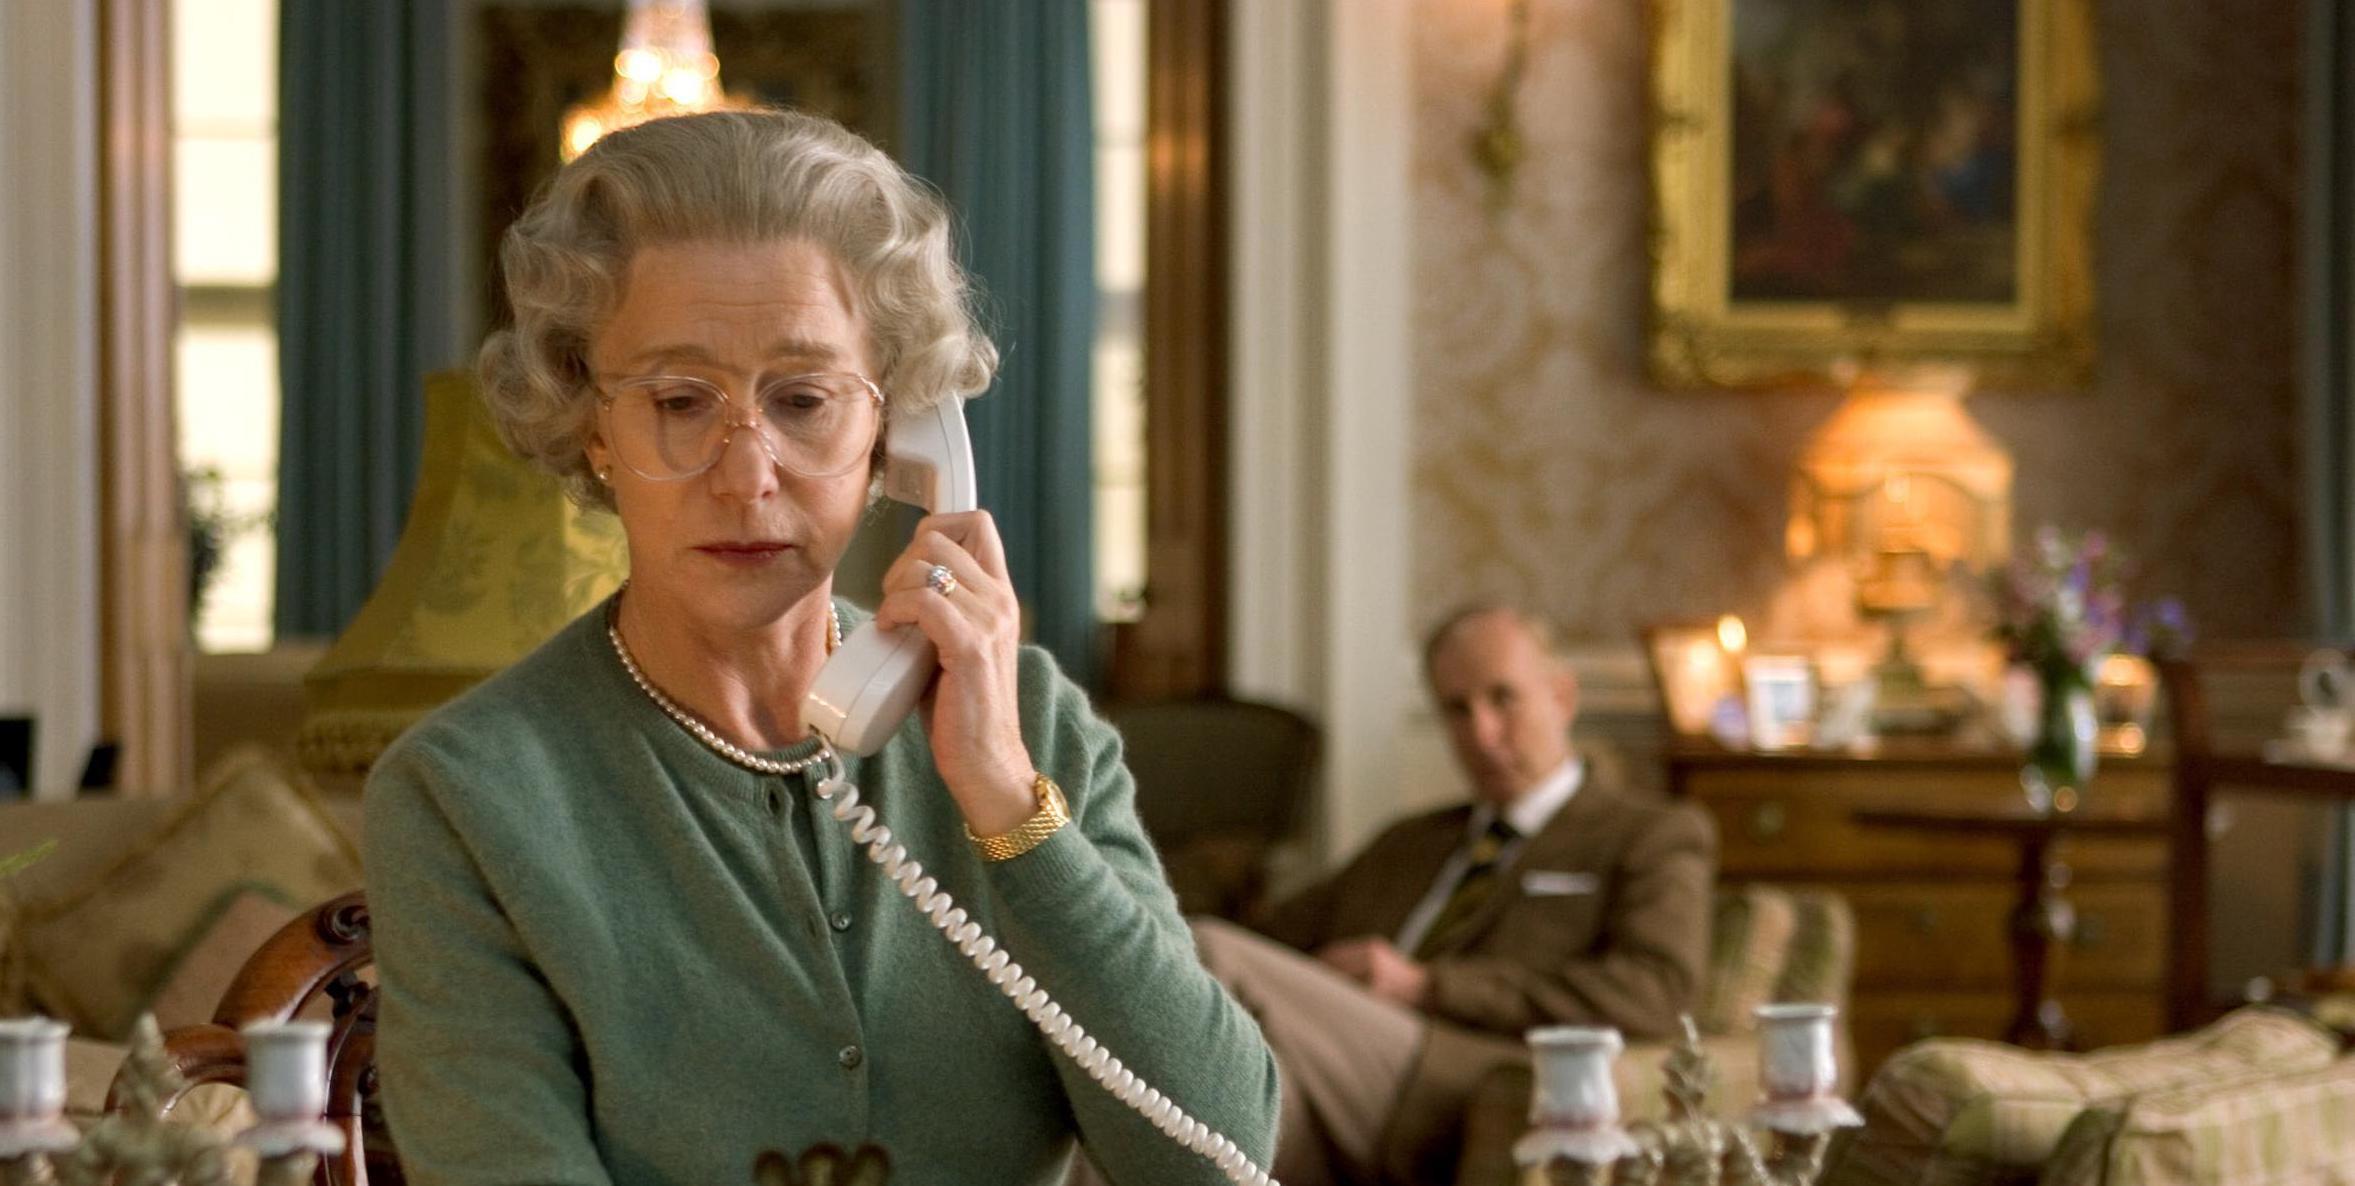 Helen Mirren in 'The Queen' | © Pathé Pictures